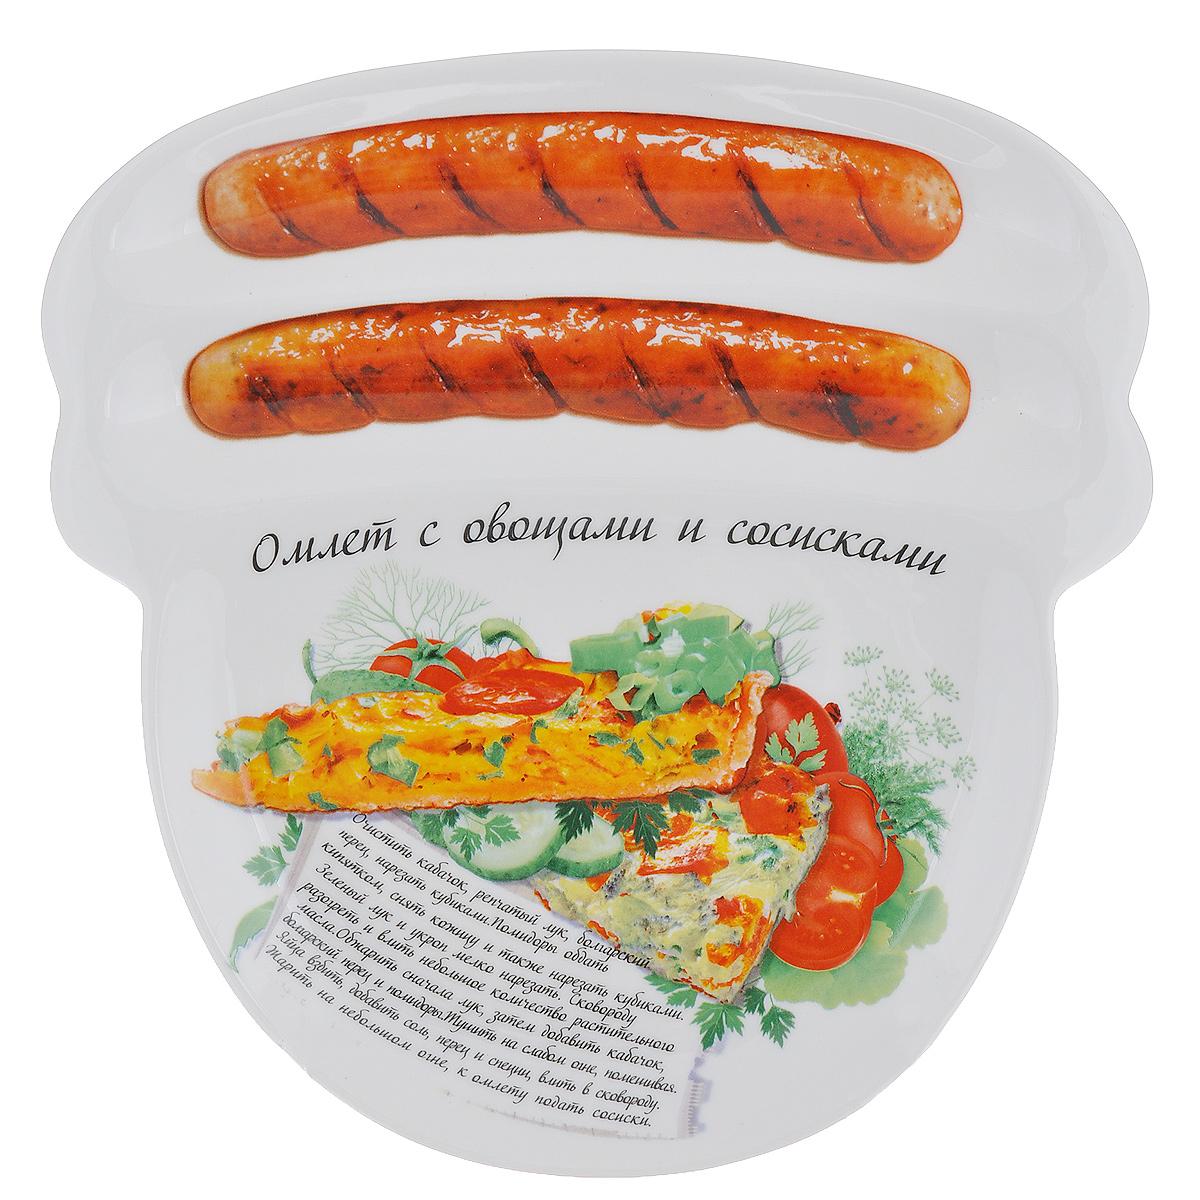 Блюдо для сосисок Larangе Омлет с овощами и сосисками, 23 х 22,7 х 1,6 см115510Блюдо для сосисок Larange Омлет с овощами и сосисками изготовлено из высококачественной керамики. Изделие украшено изображением двух сосисок и рецепта омлета с овощами и сосисками. Тарелка имеет три отделения: два маленьких отделения для сосисок и одно большое отделение для яичницы или другого блюда. В комплект входят лучшие рецепты от шефа. Можно использовать в СВЧ печах, духовом шкафу, холодильнике. Можно мыть в посудомоечной машине. Не применять абразивные чистящие вещества. Размер блюда: 23 см х 22,7 см х 1,6 см.